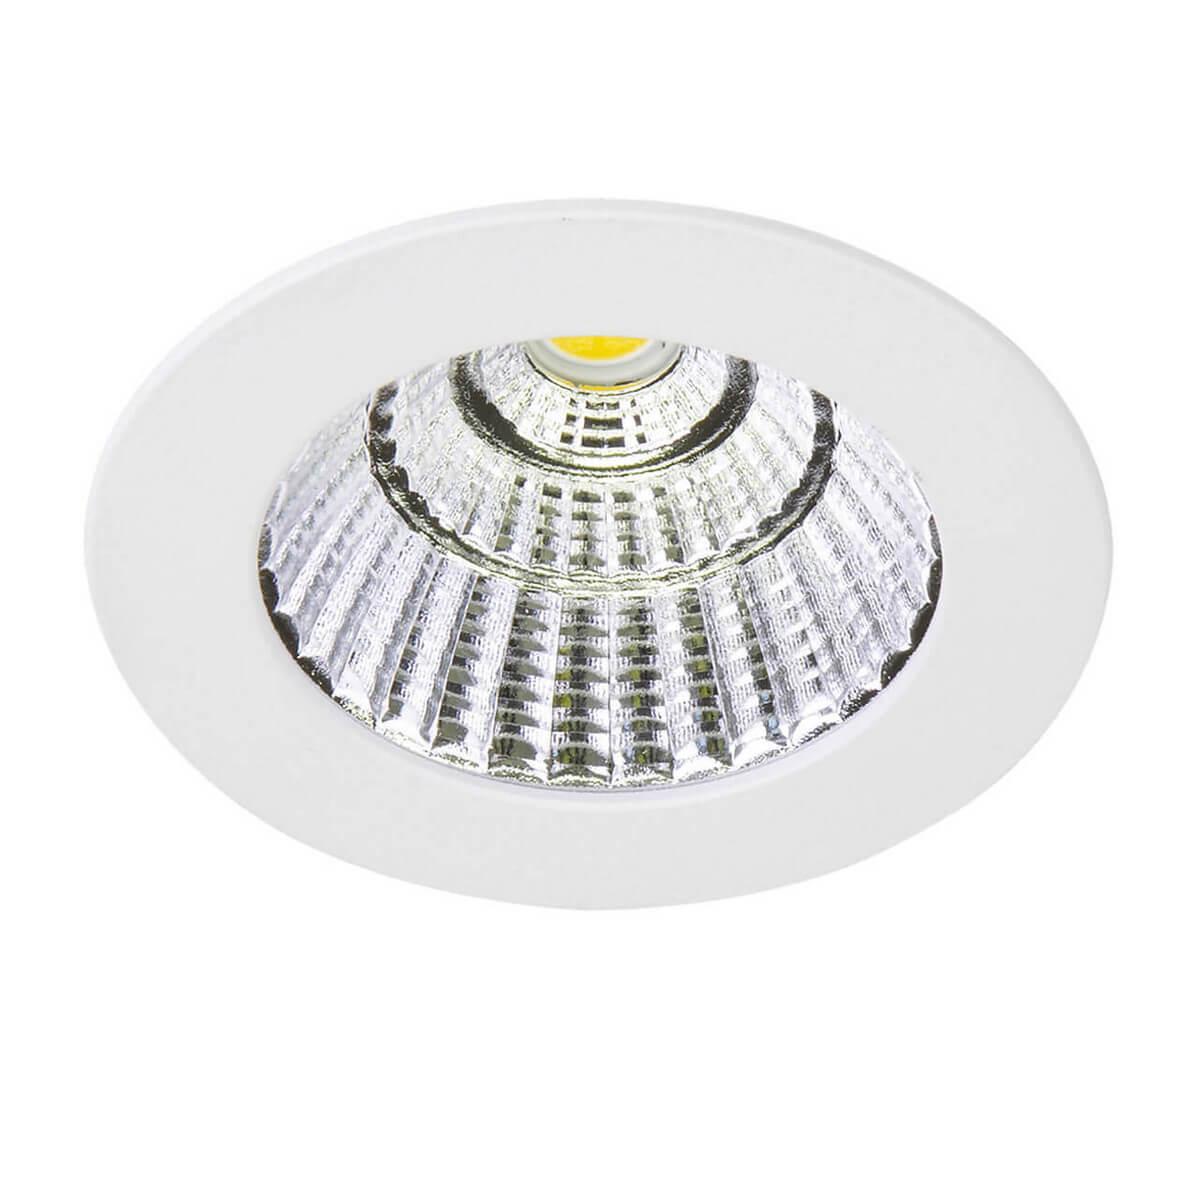 Встраиваемый светильник Lightstar Soffi 11 212416 цена в Москве и Питере